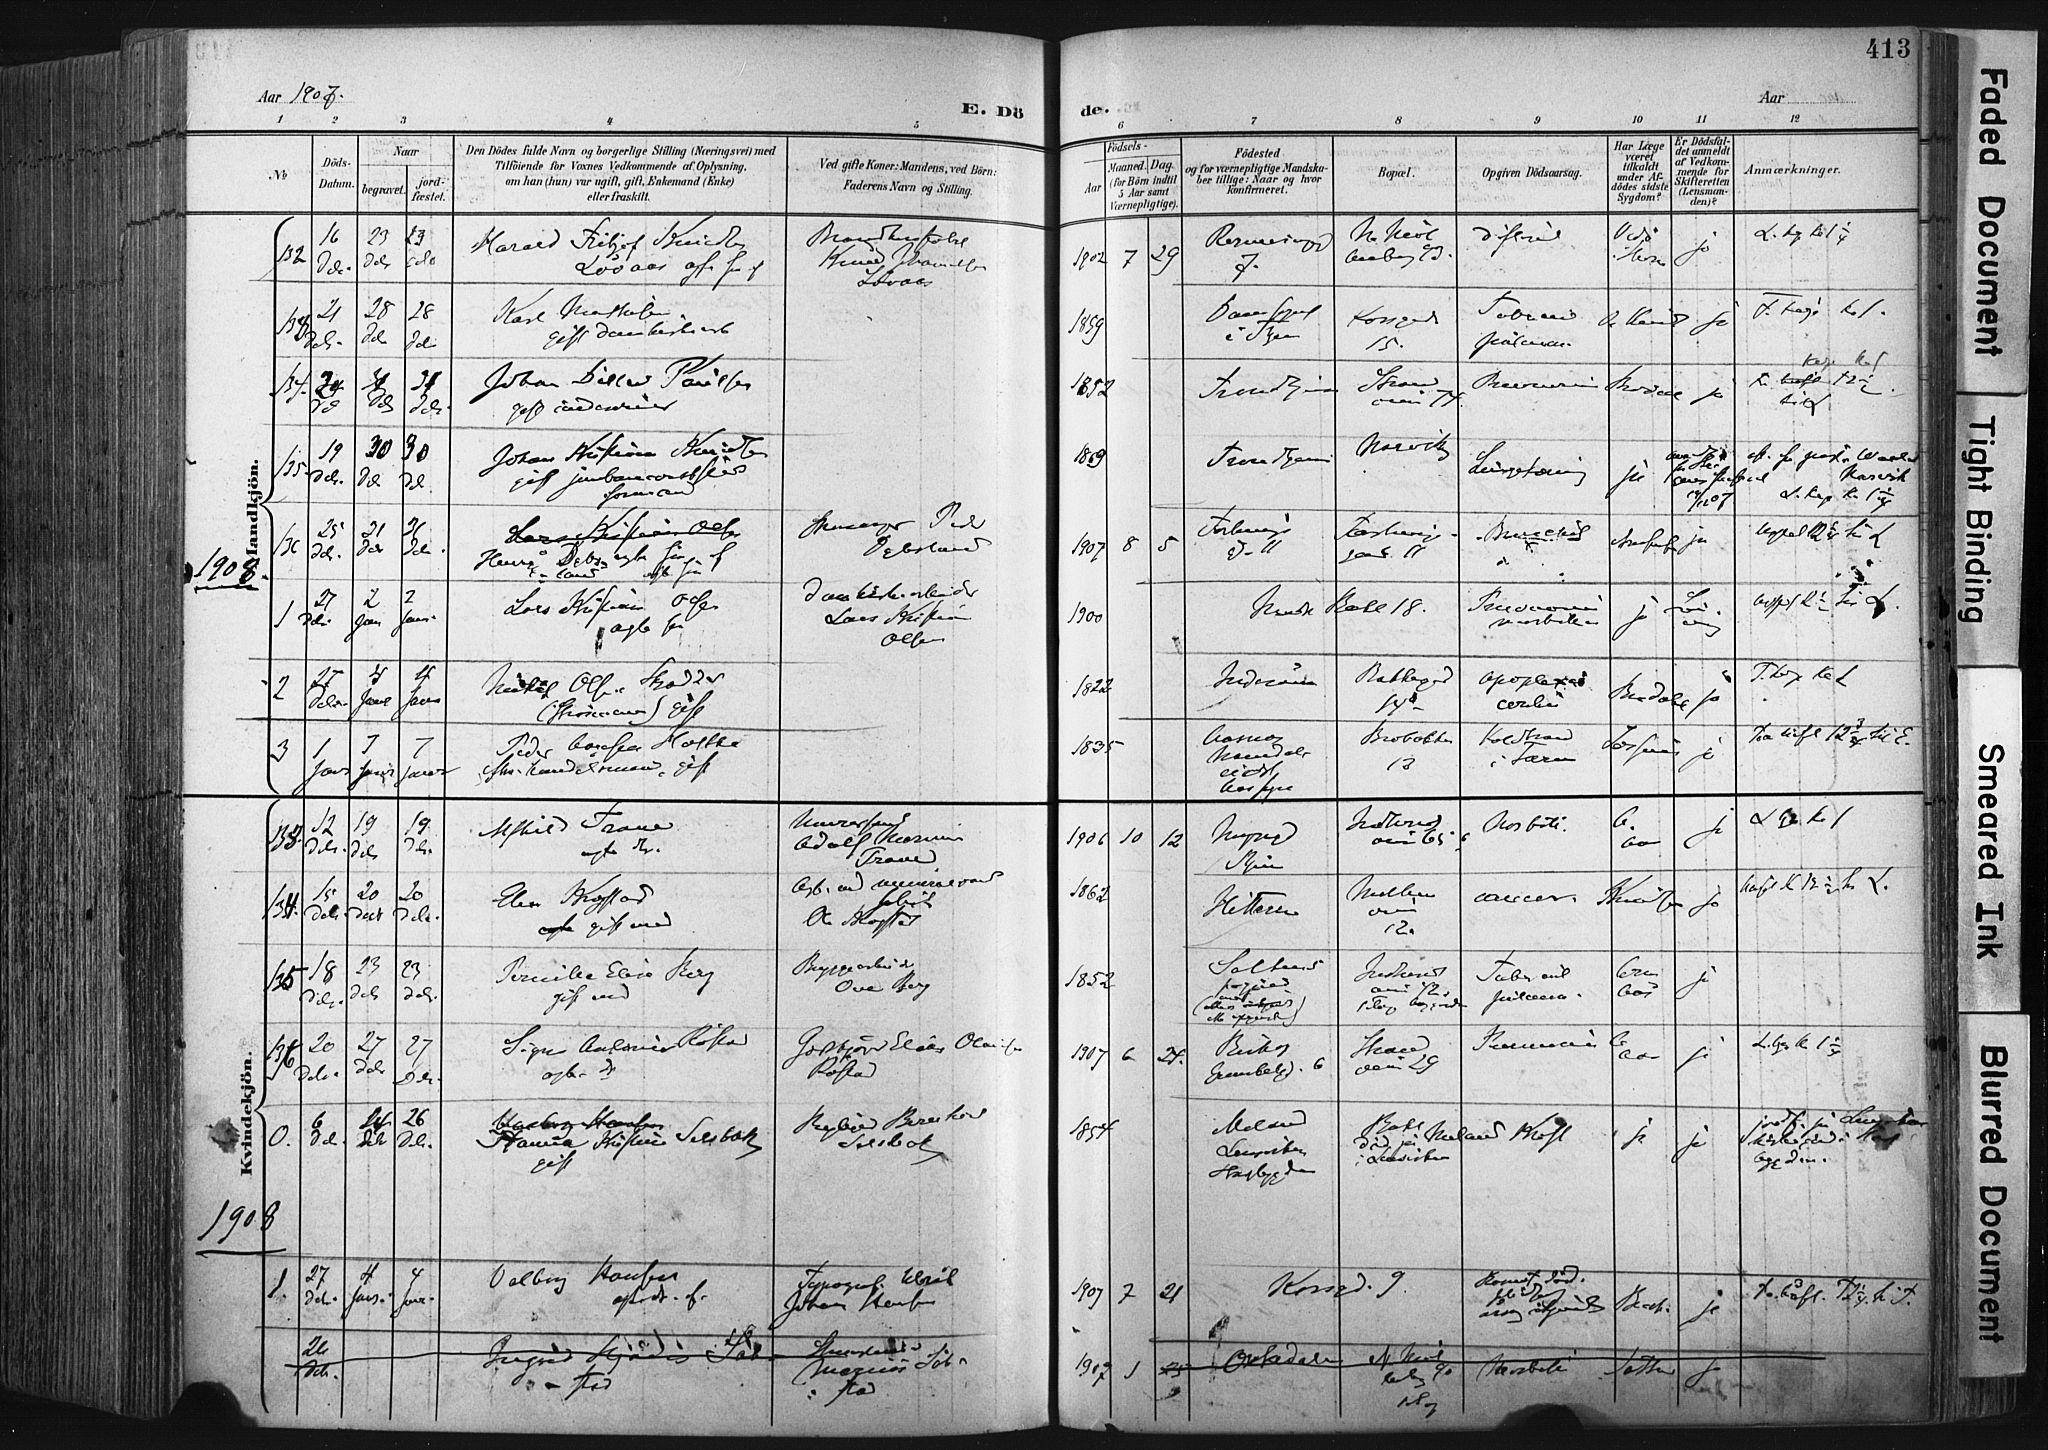 SAT, Ministerialprotokoller, klokkerbøker og fødselsregistre - Sør-Trøndelag, 604/L0201: Ministerialbok nr. 604A21, 1901-1911, s. 413